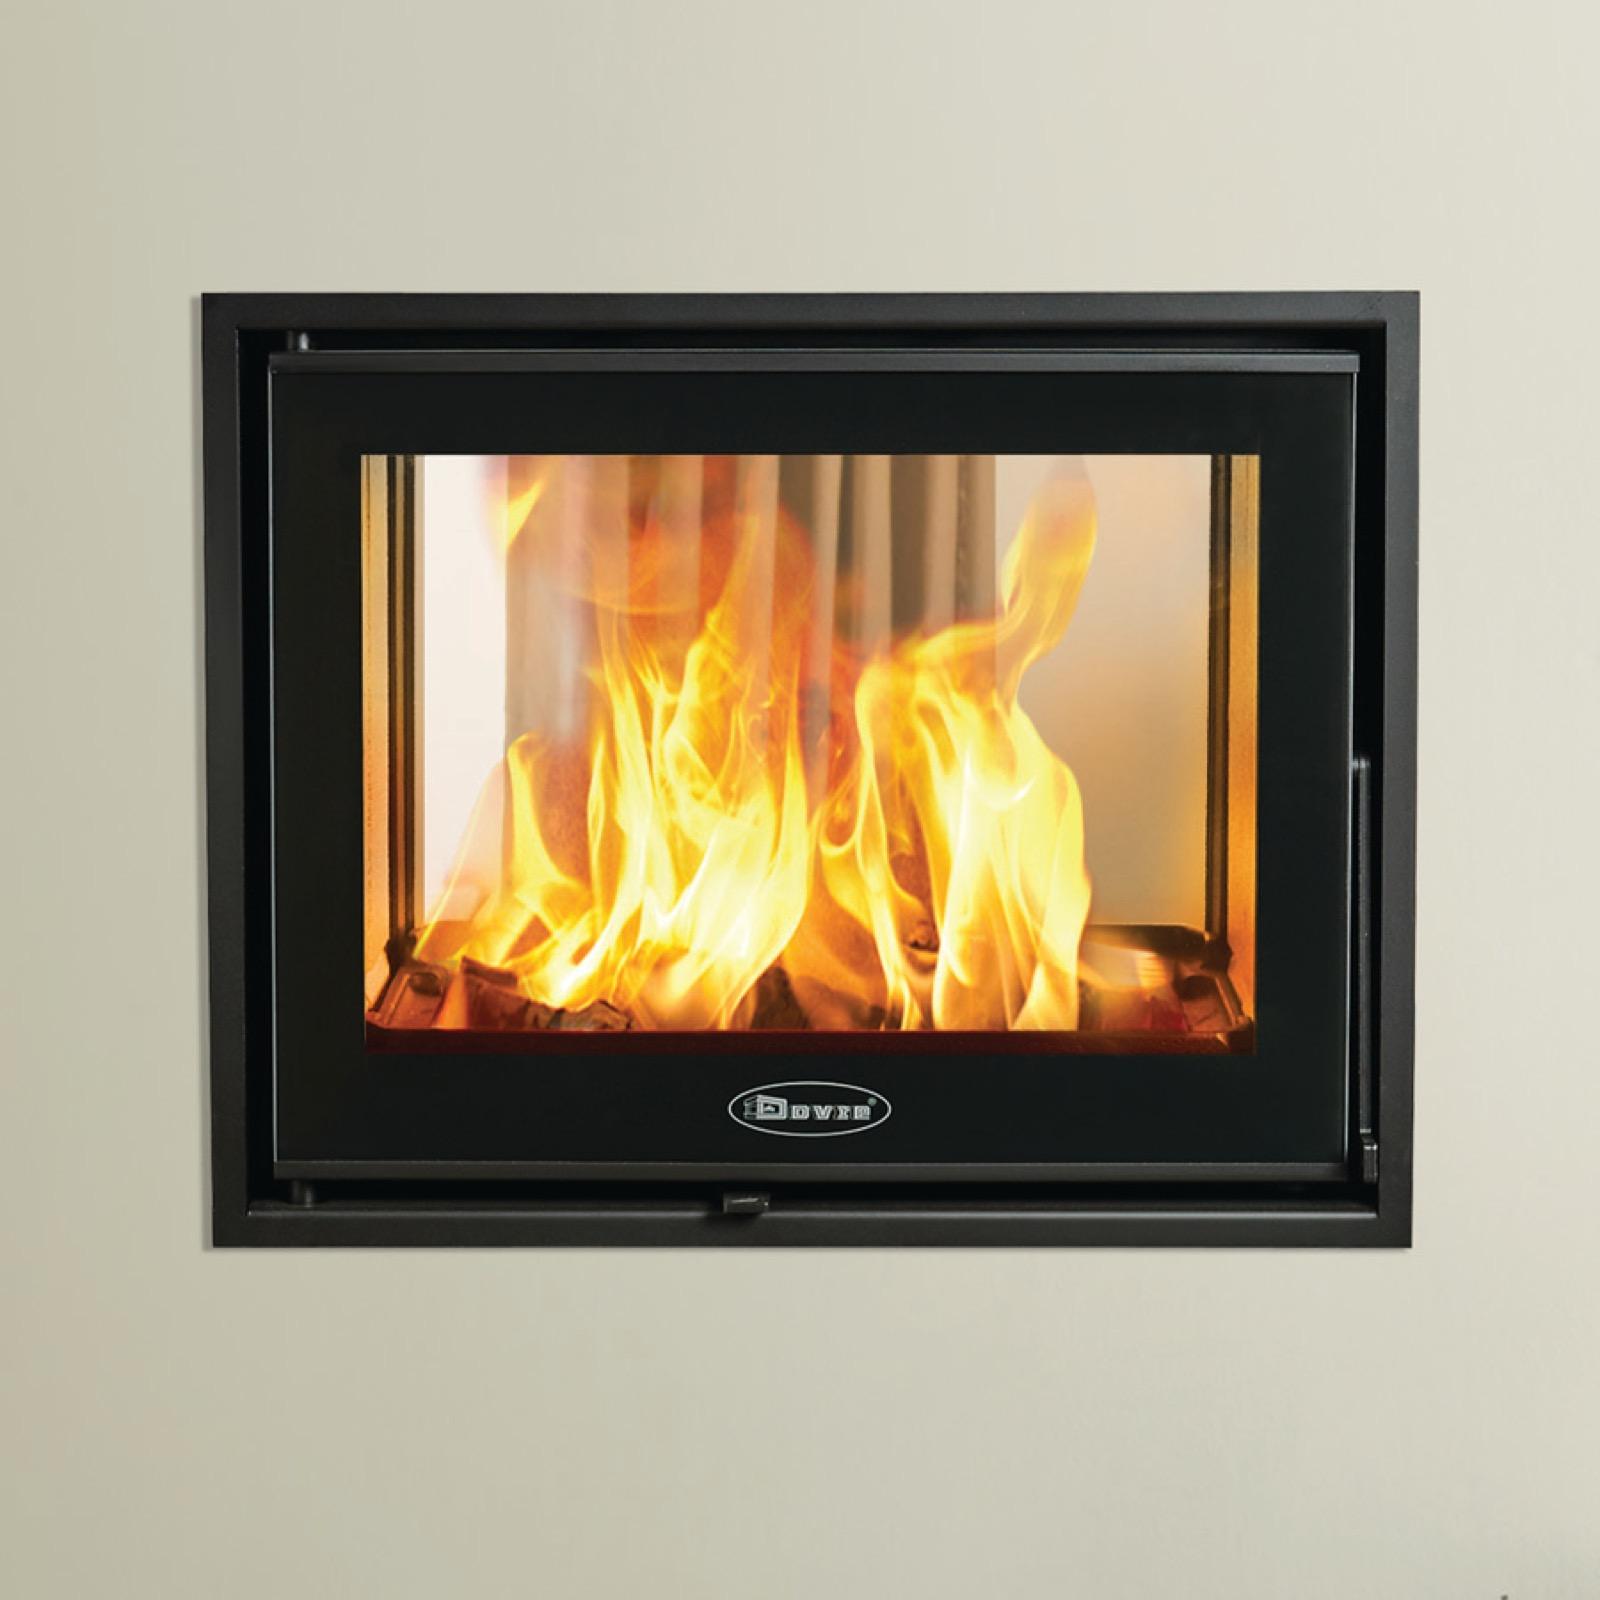 Dovre Zen 102 Double Sided Wood Burning Inset Cassette